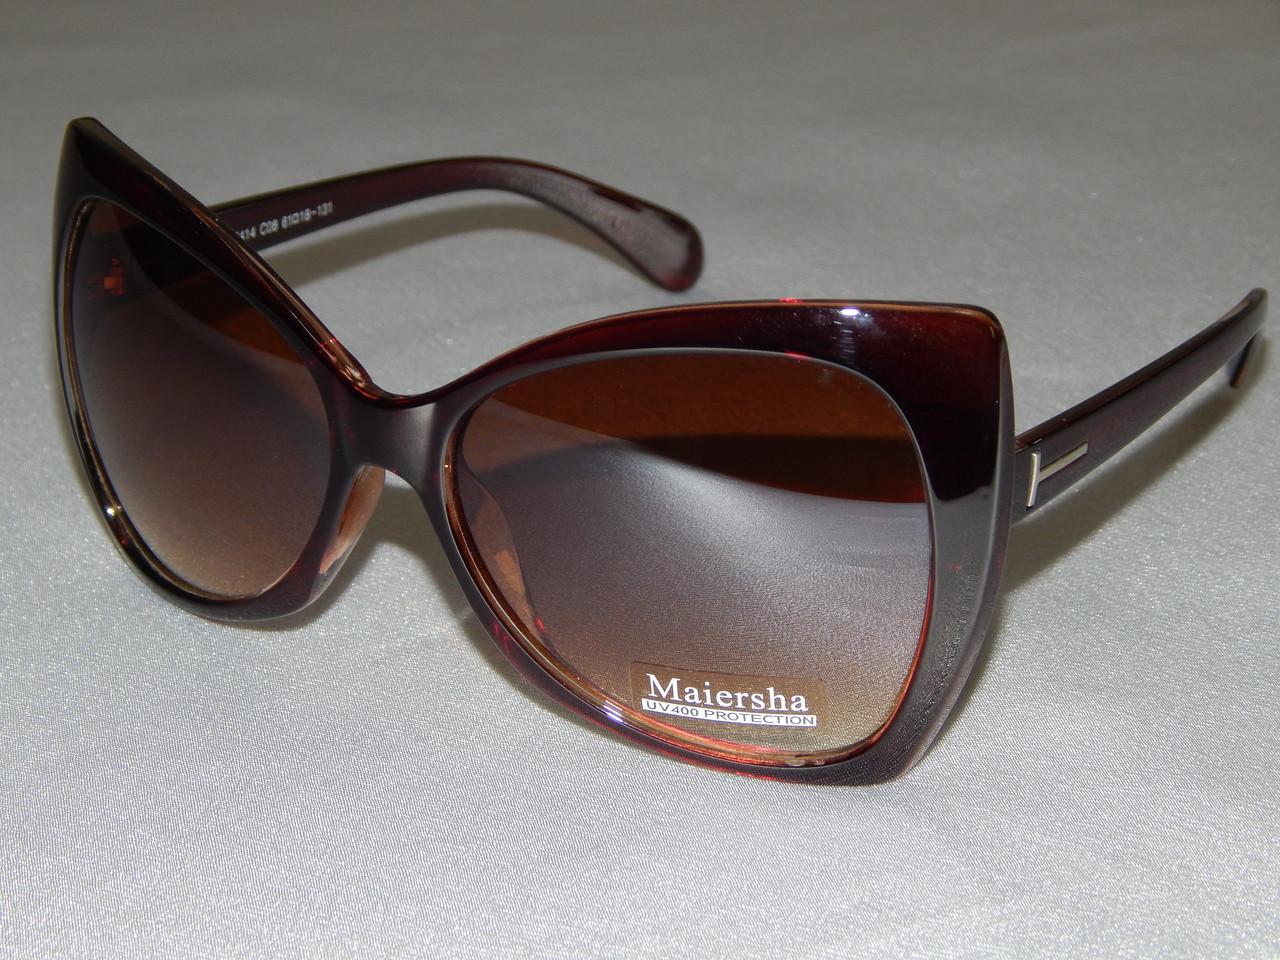 8f809d83fa2a Купить Солнцезащитные очки, Maiersha коричневые 760128 в Харькове ...